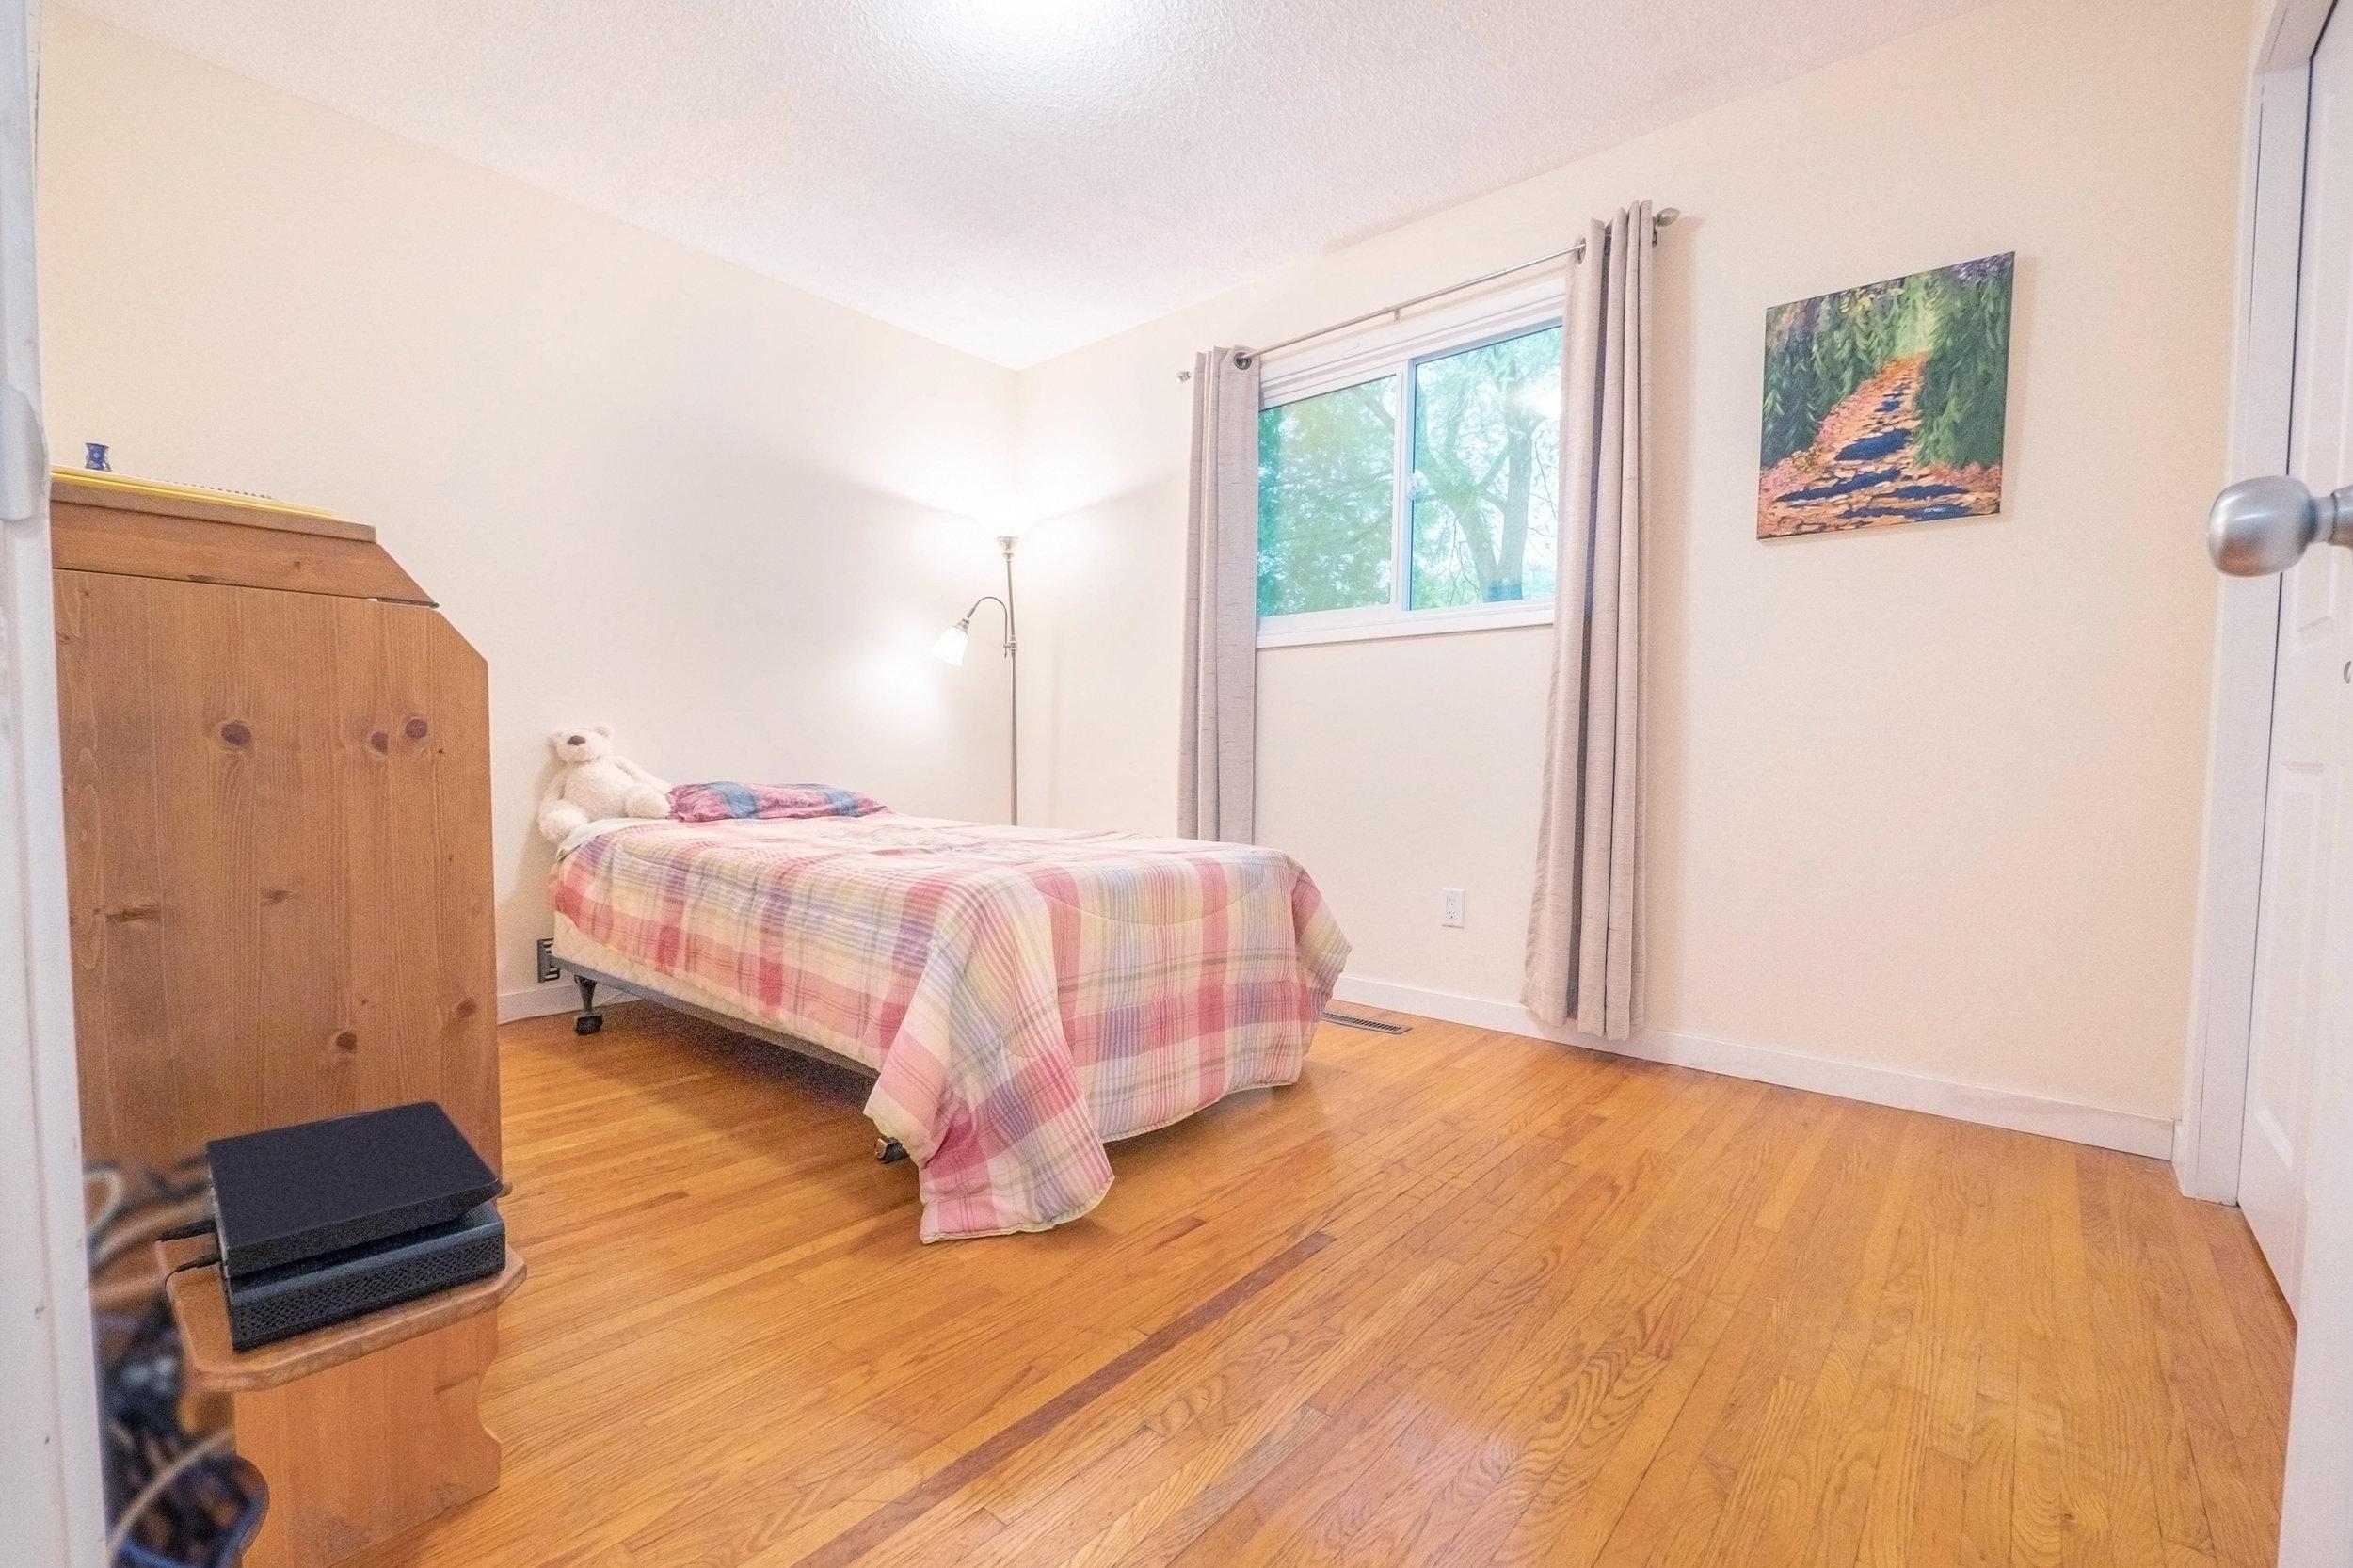 92 Hammond Bedroom Plaid.jpg